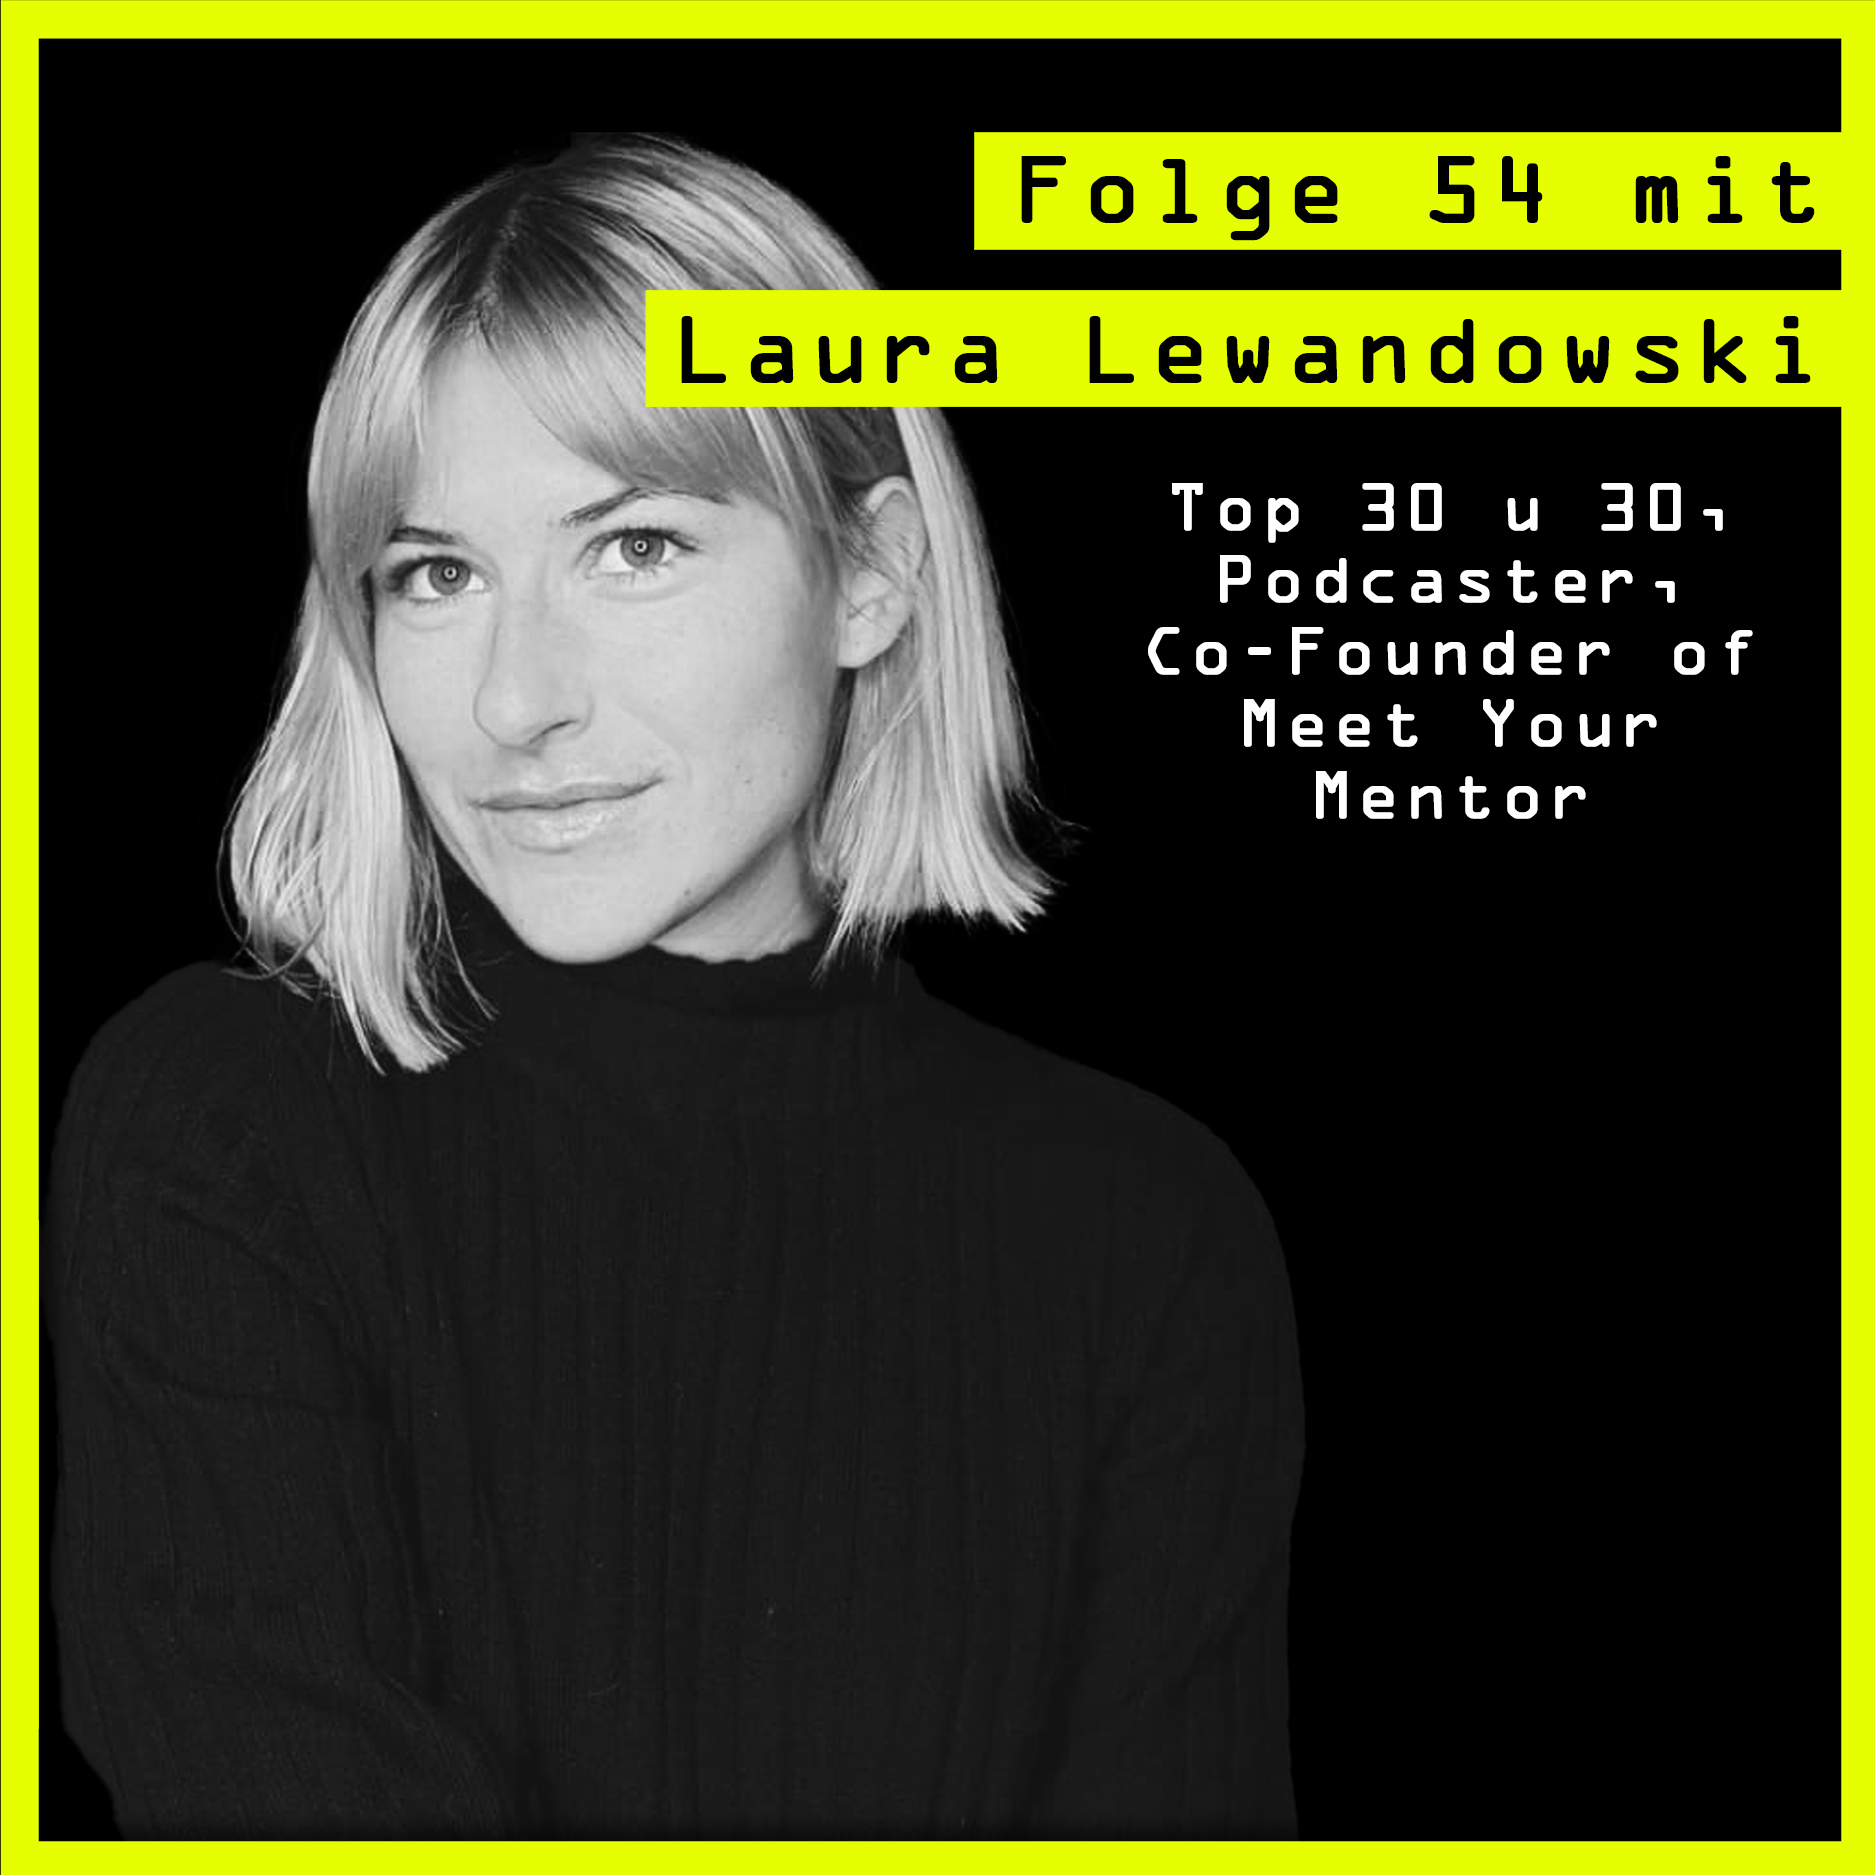 #54 mit Laura Lewandowski (Top 30 u 30, Podcaster, Co-Founder of Meet Your Mentor) über Pilze, Reichtum und Sehnsucht